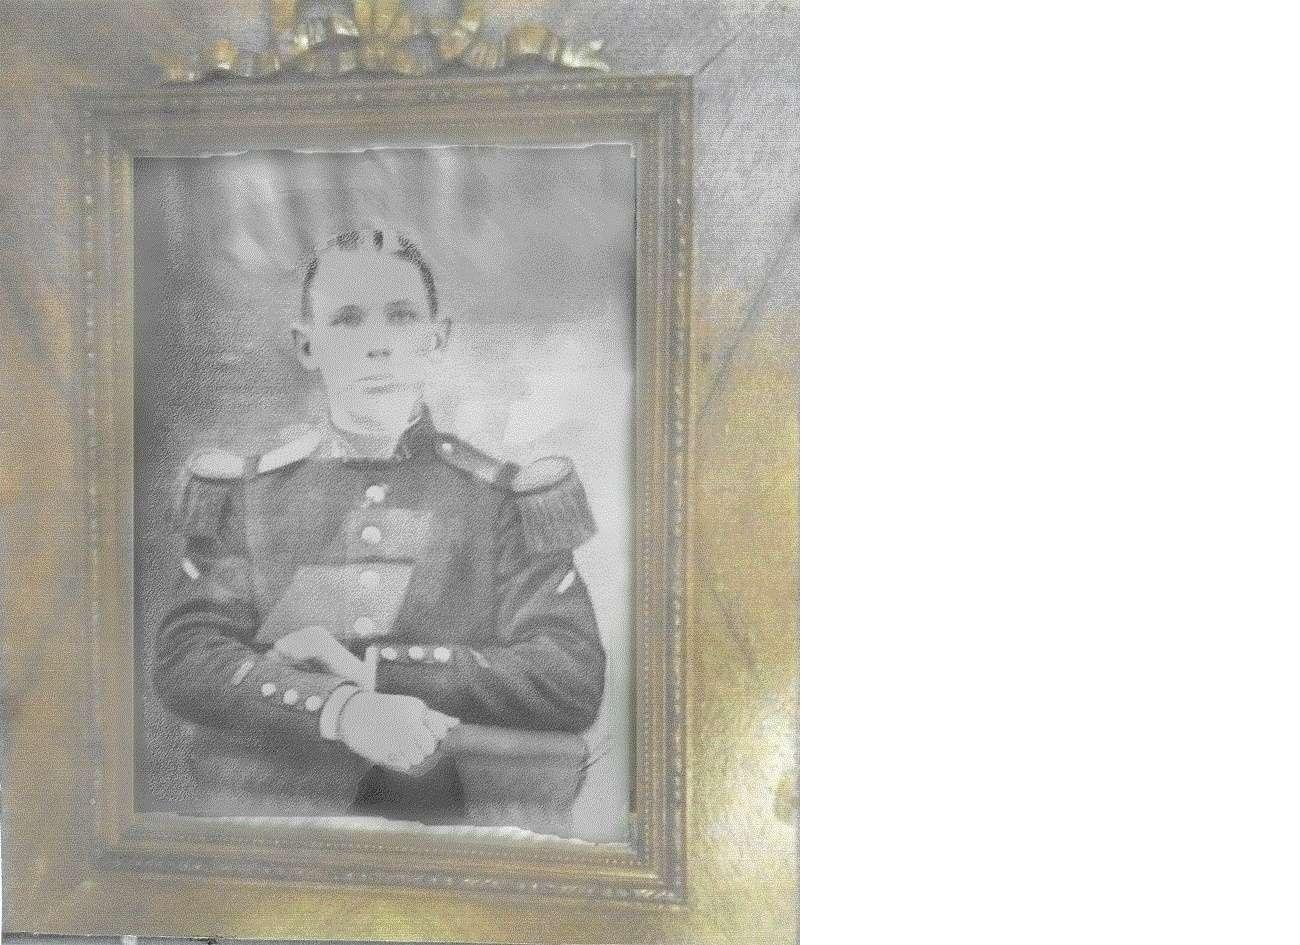 Un petit soldat de la grande guerre : portrait retouché. Willy_10